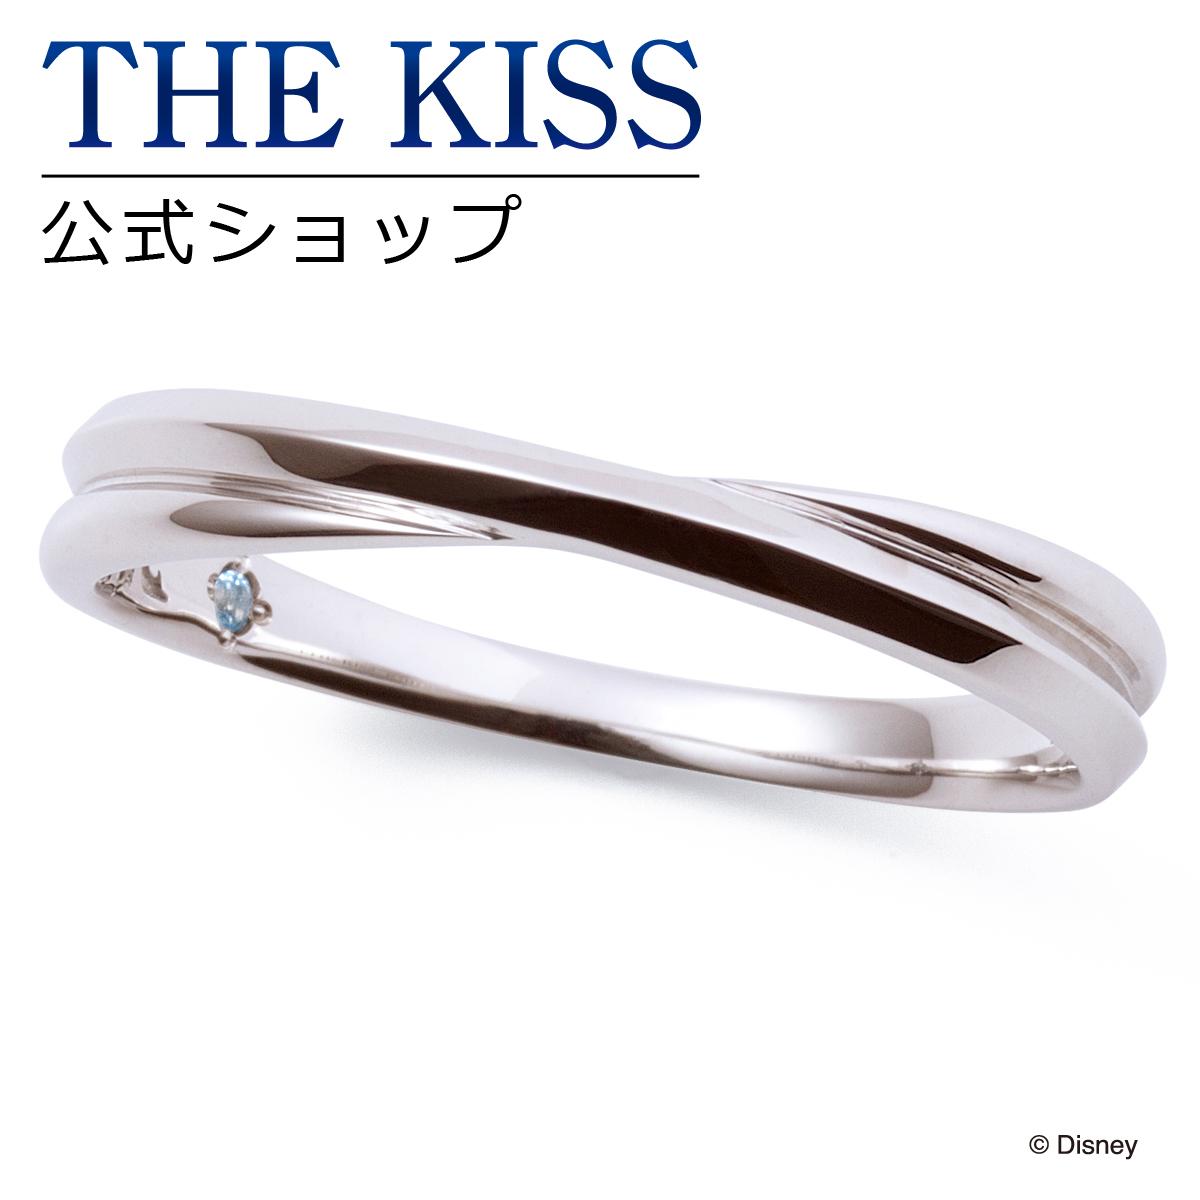 【あす楽対応】【ディズニーコレクション】 ディズニー / ペアリング / ディズニープリンセス シンデレラ / THE KISS sweets リング・指輪 K10ホワイトゴールド (メンズ 単品) DI-WR2920BT ザキス 【送料無料】【Disneyzone】